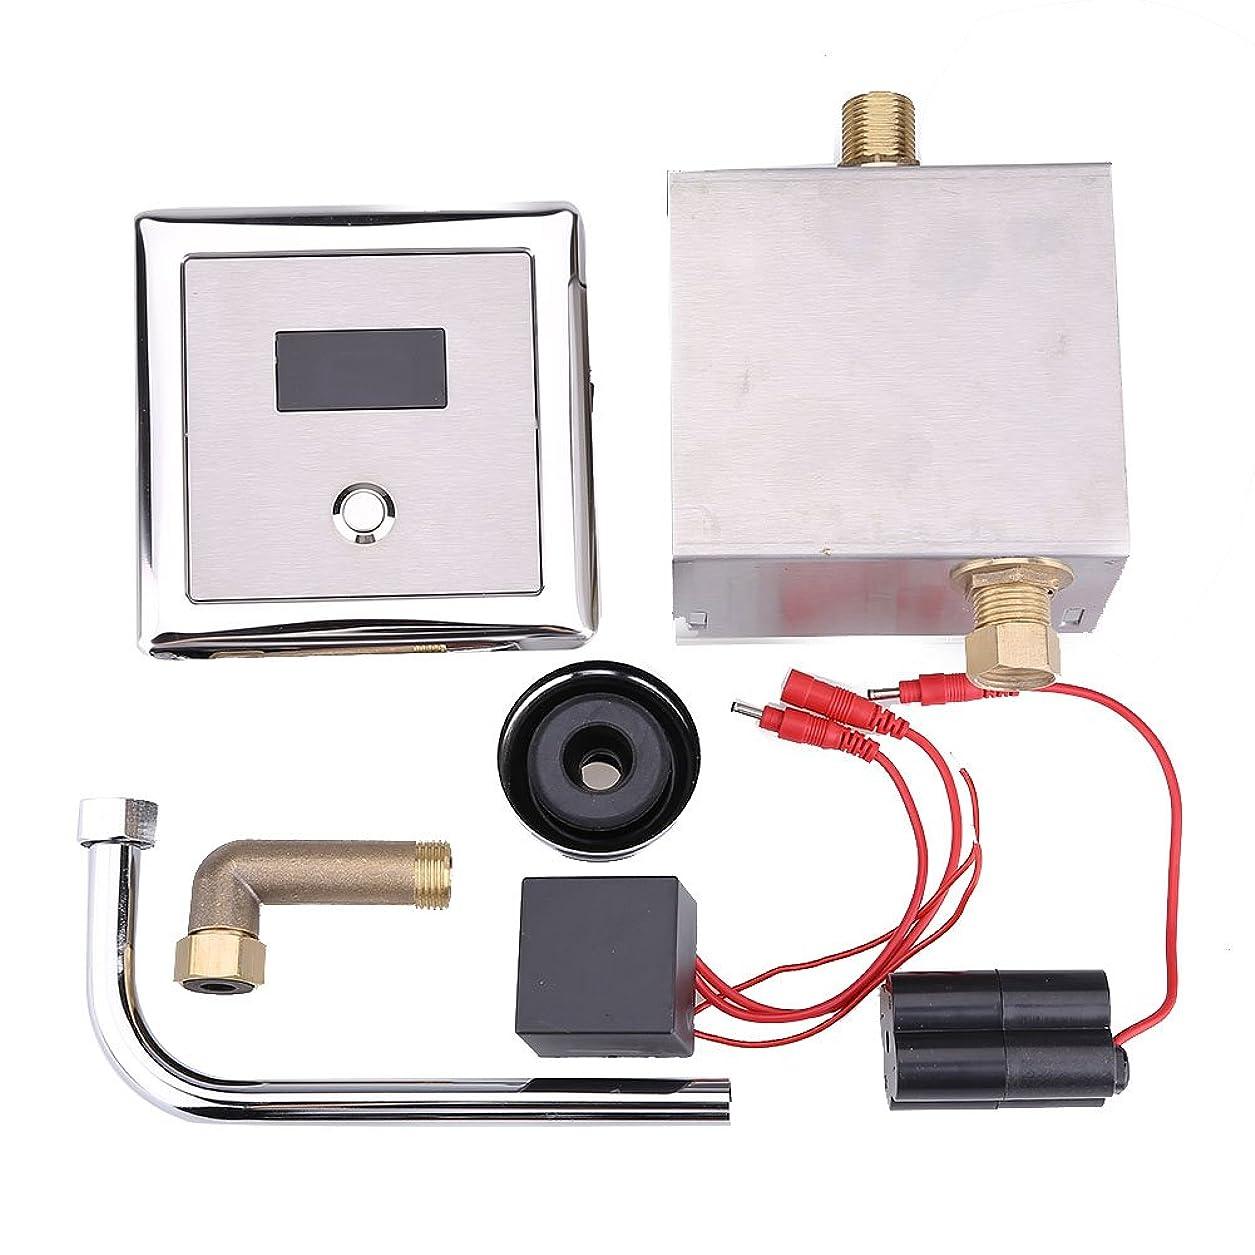 練習説教温室タッチレストイレフラッシュキット、壁取り付け式自動モーションセンサートイレフラッシュキット、調整可能なセンサーの範囲とフラッシュ時間、ホテル/レストラン/ショッピングモール用